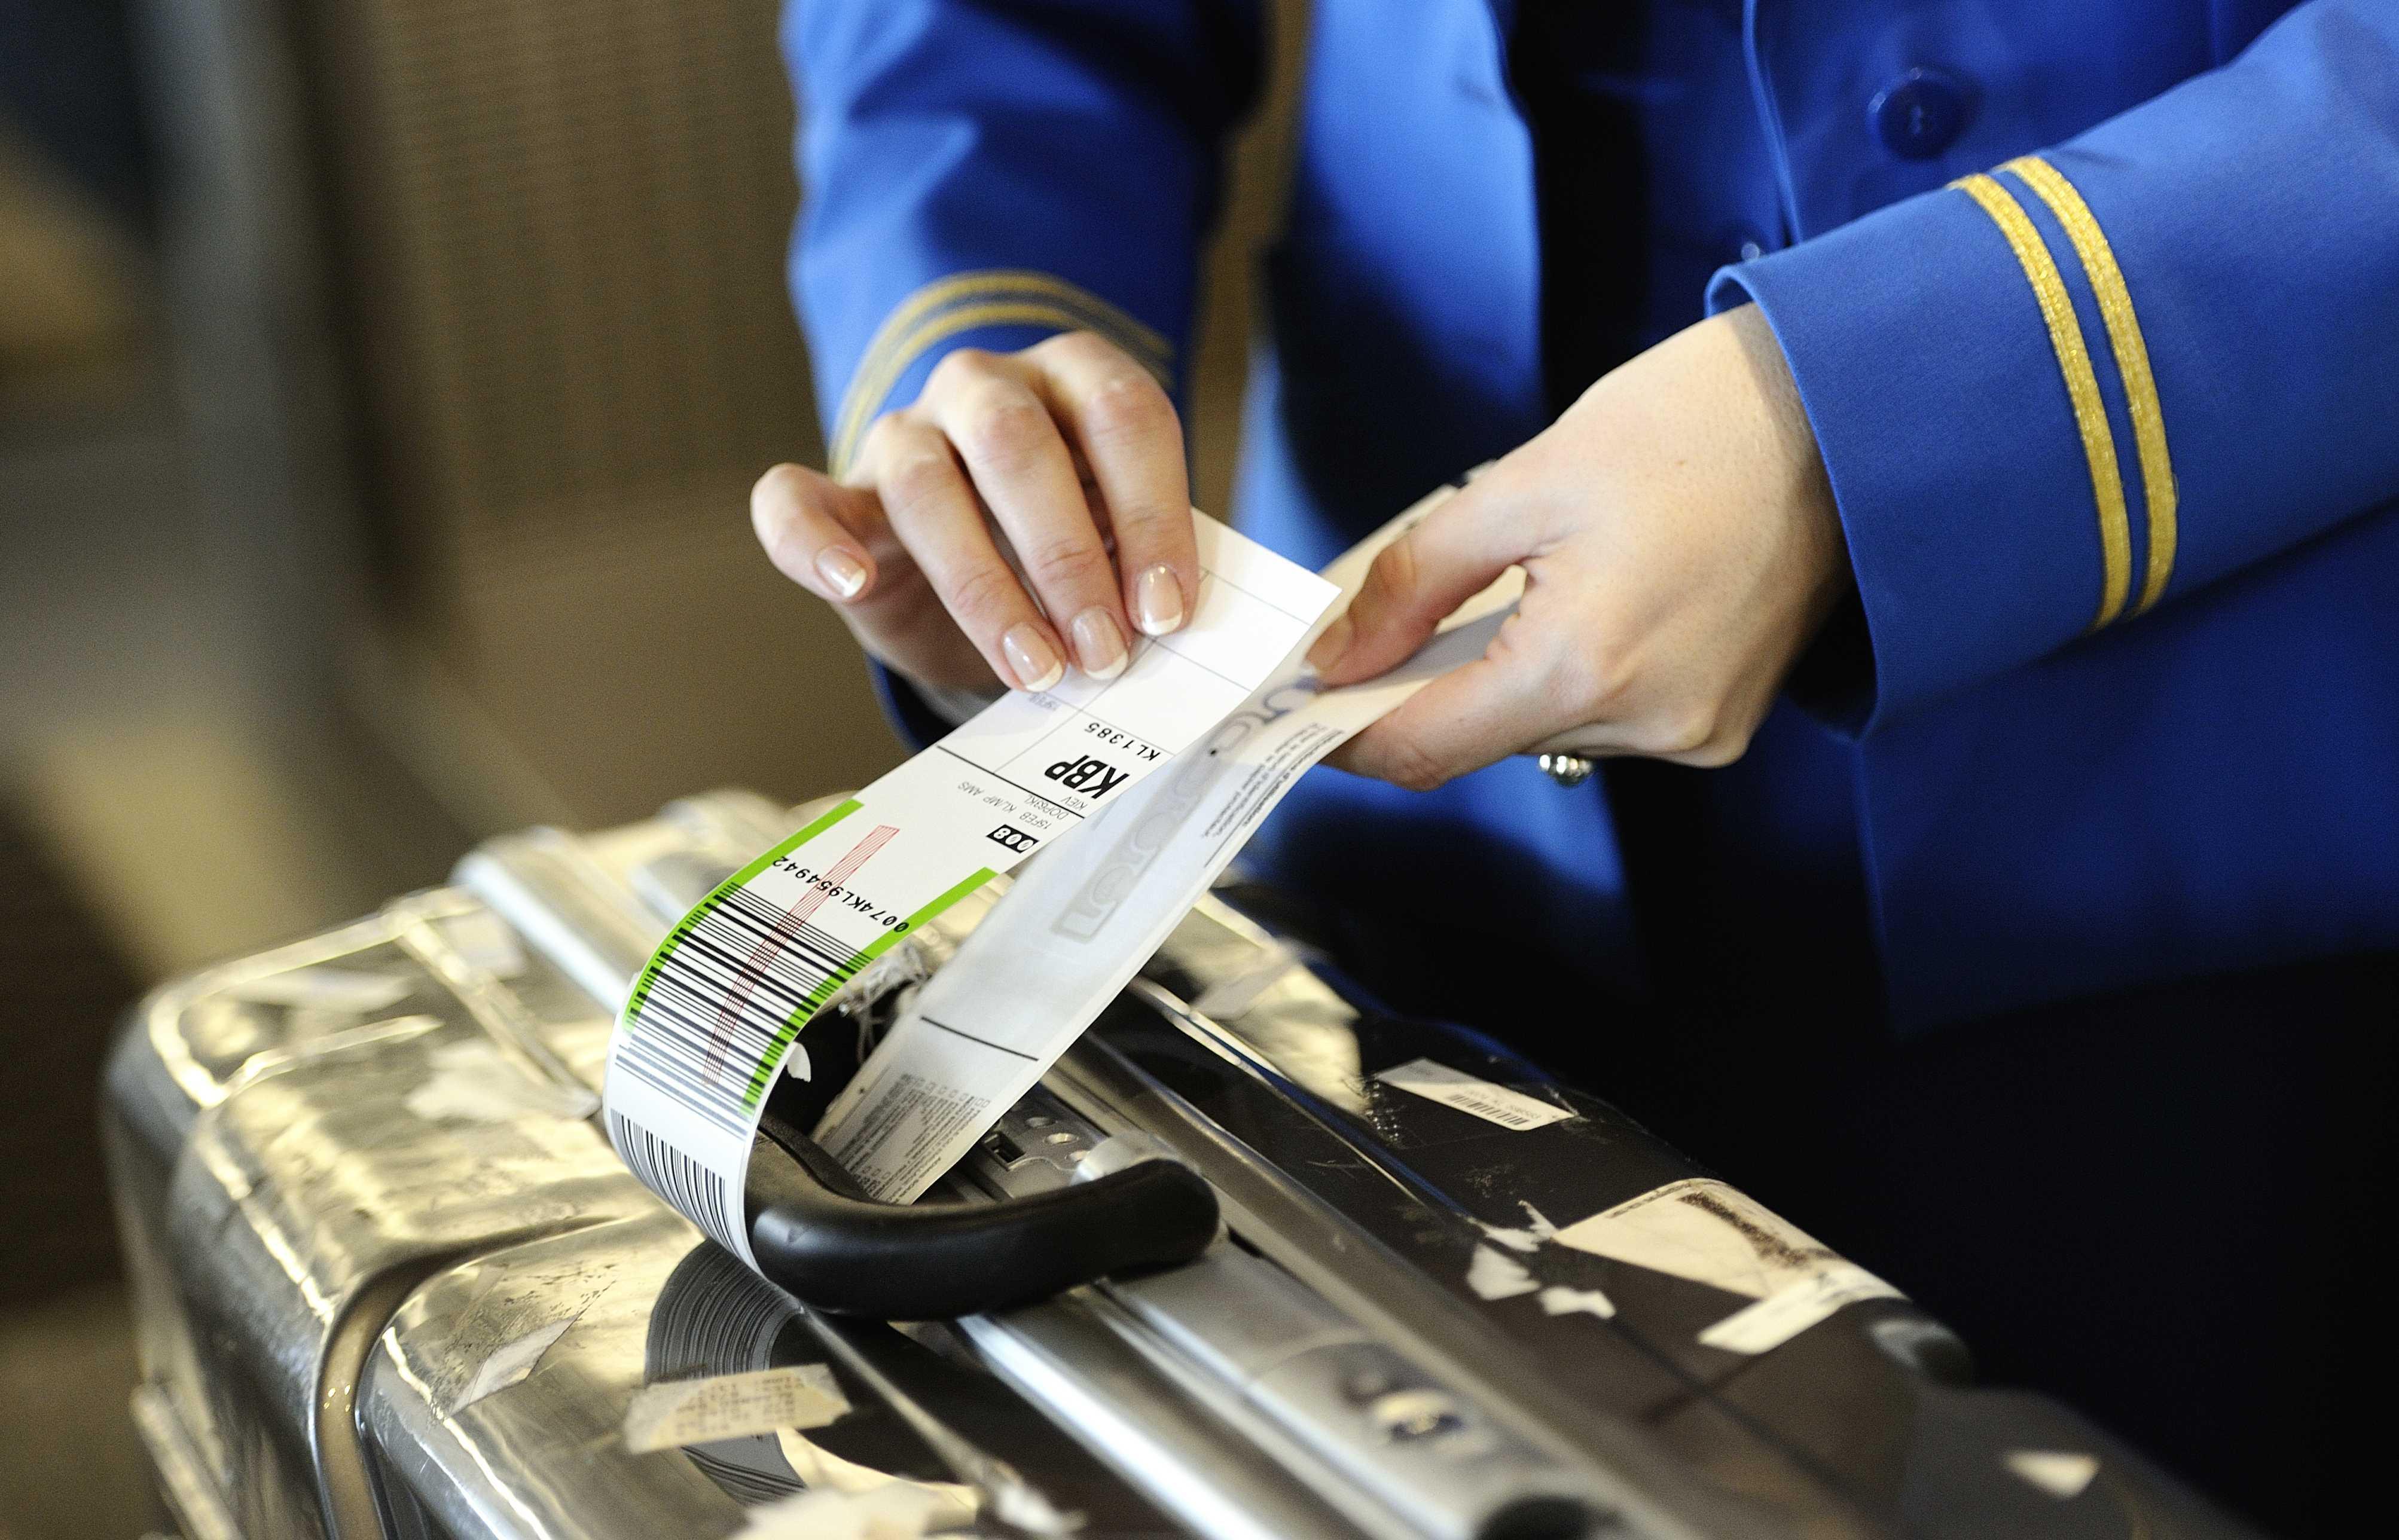 Op meer vluchten KLM betalen voor koffer